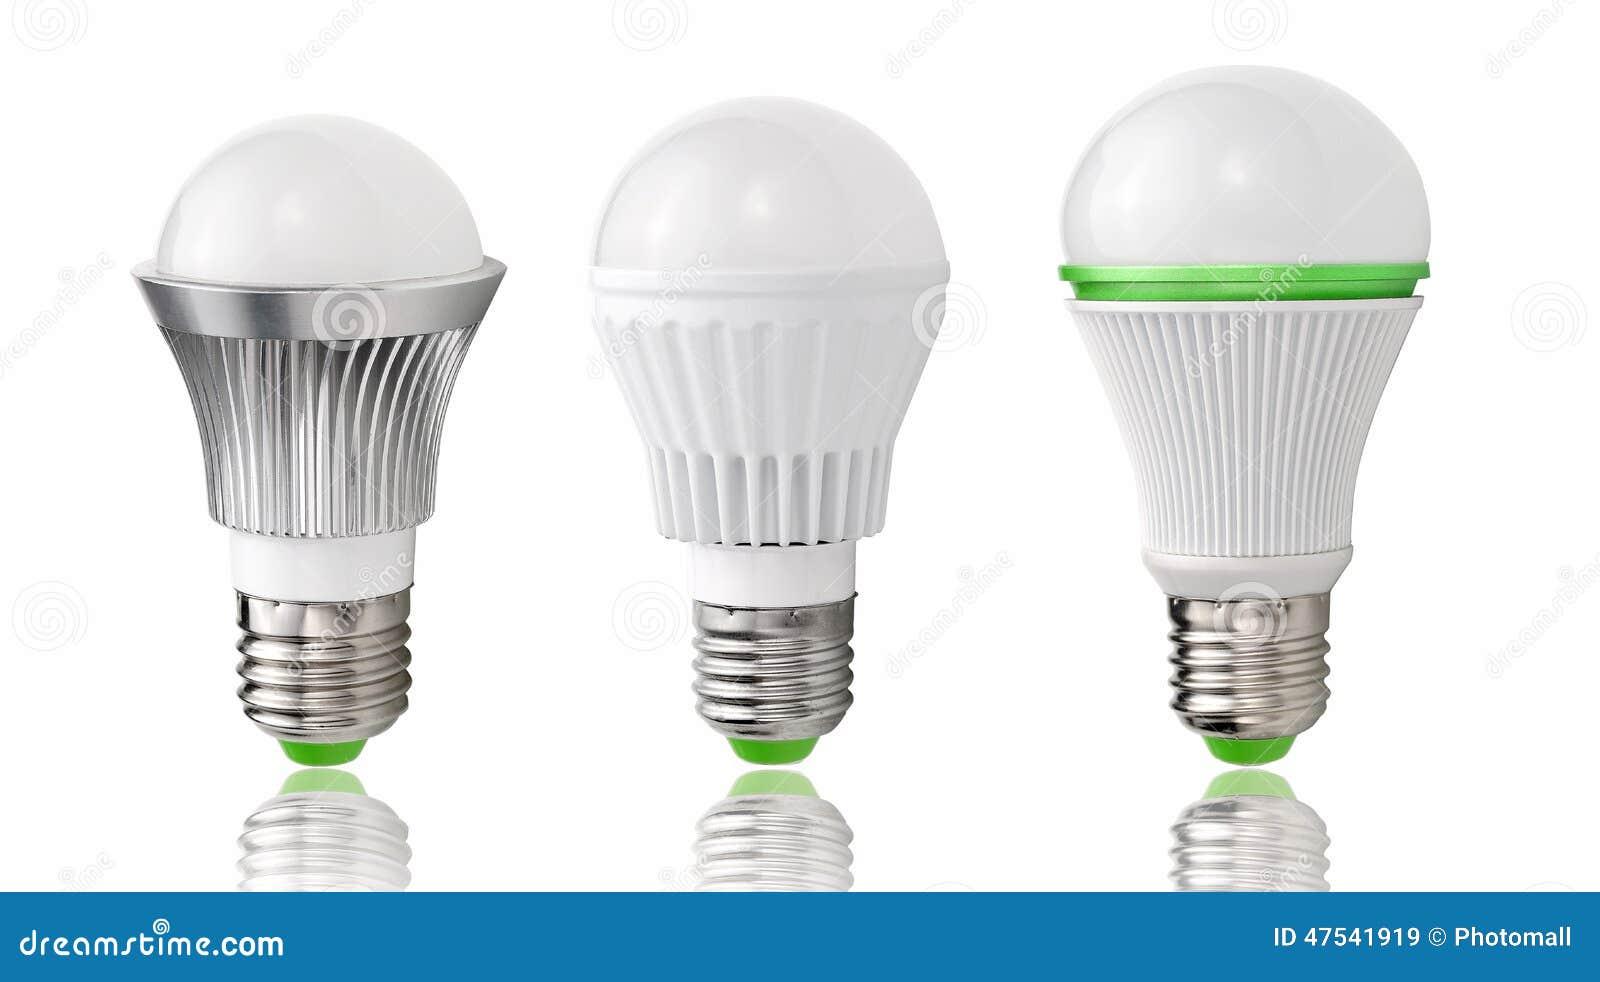 Neuer Typ von LED-Birnen, Entwicklung des Beleuchtungs-, energiesparendem und Umweltschutzes